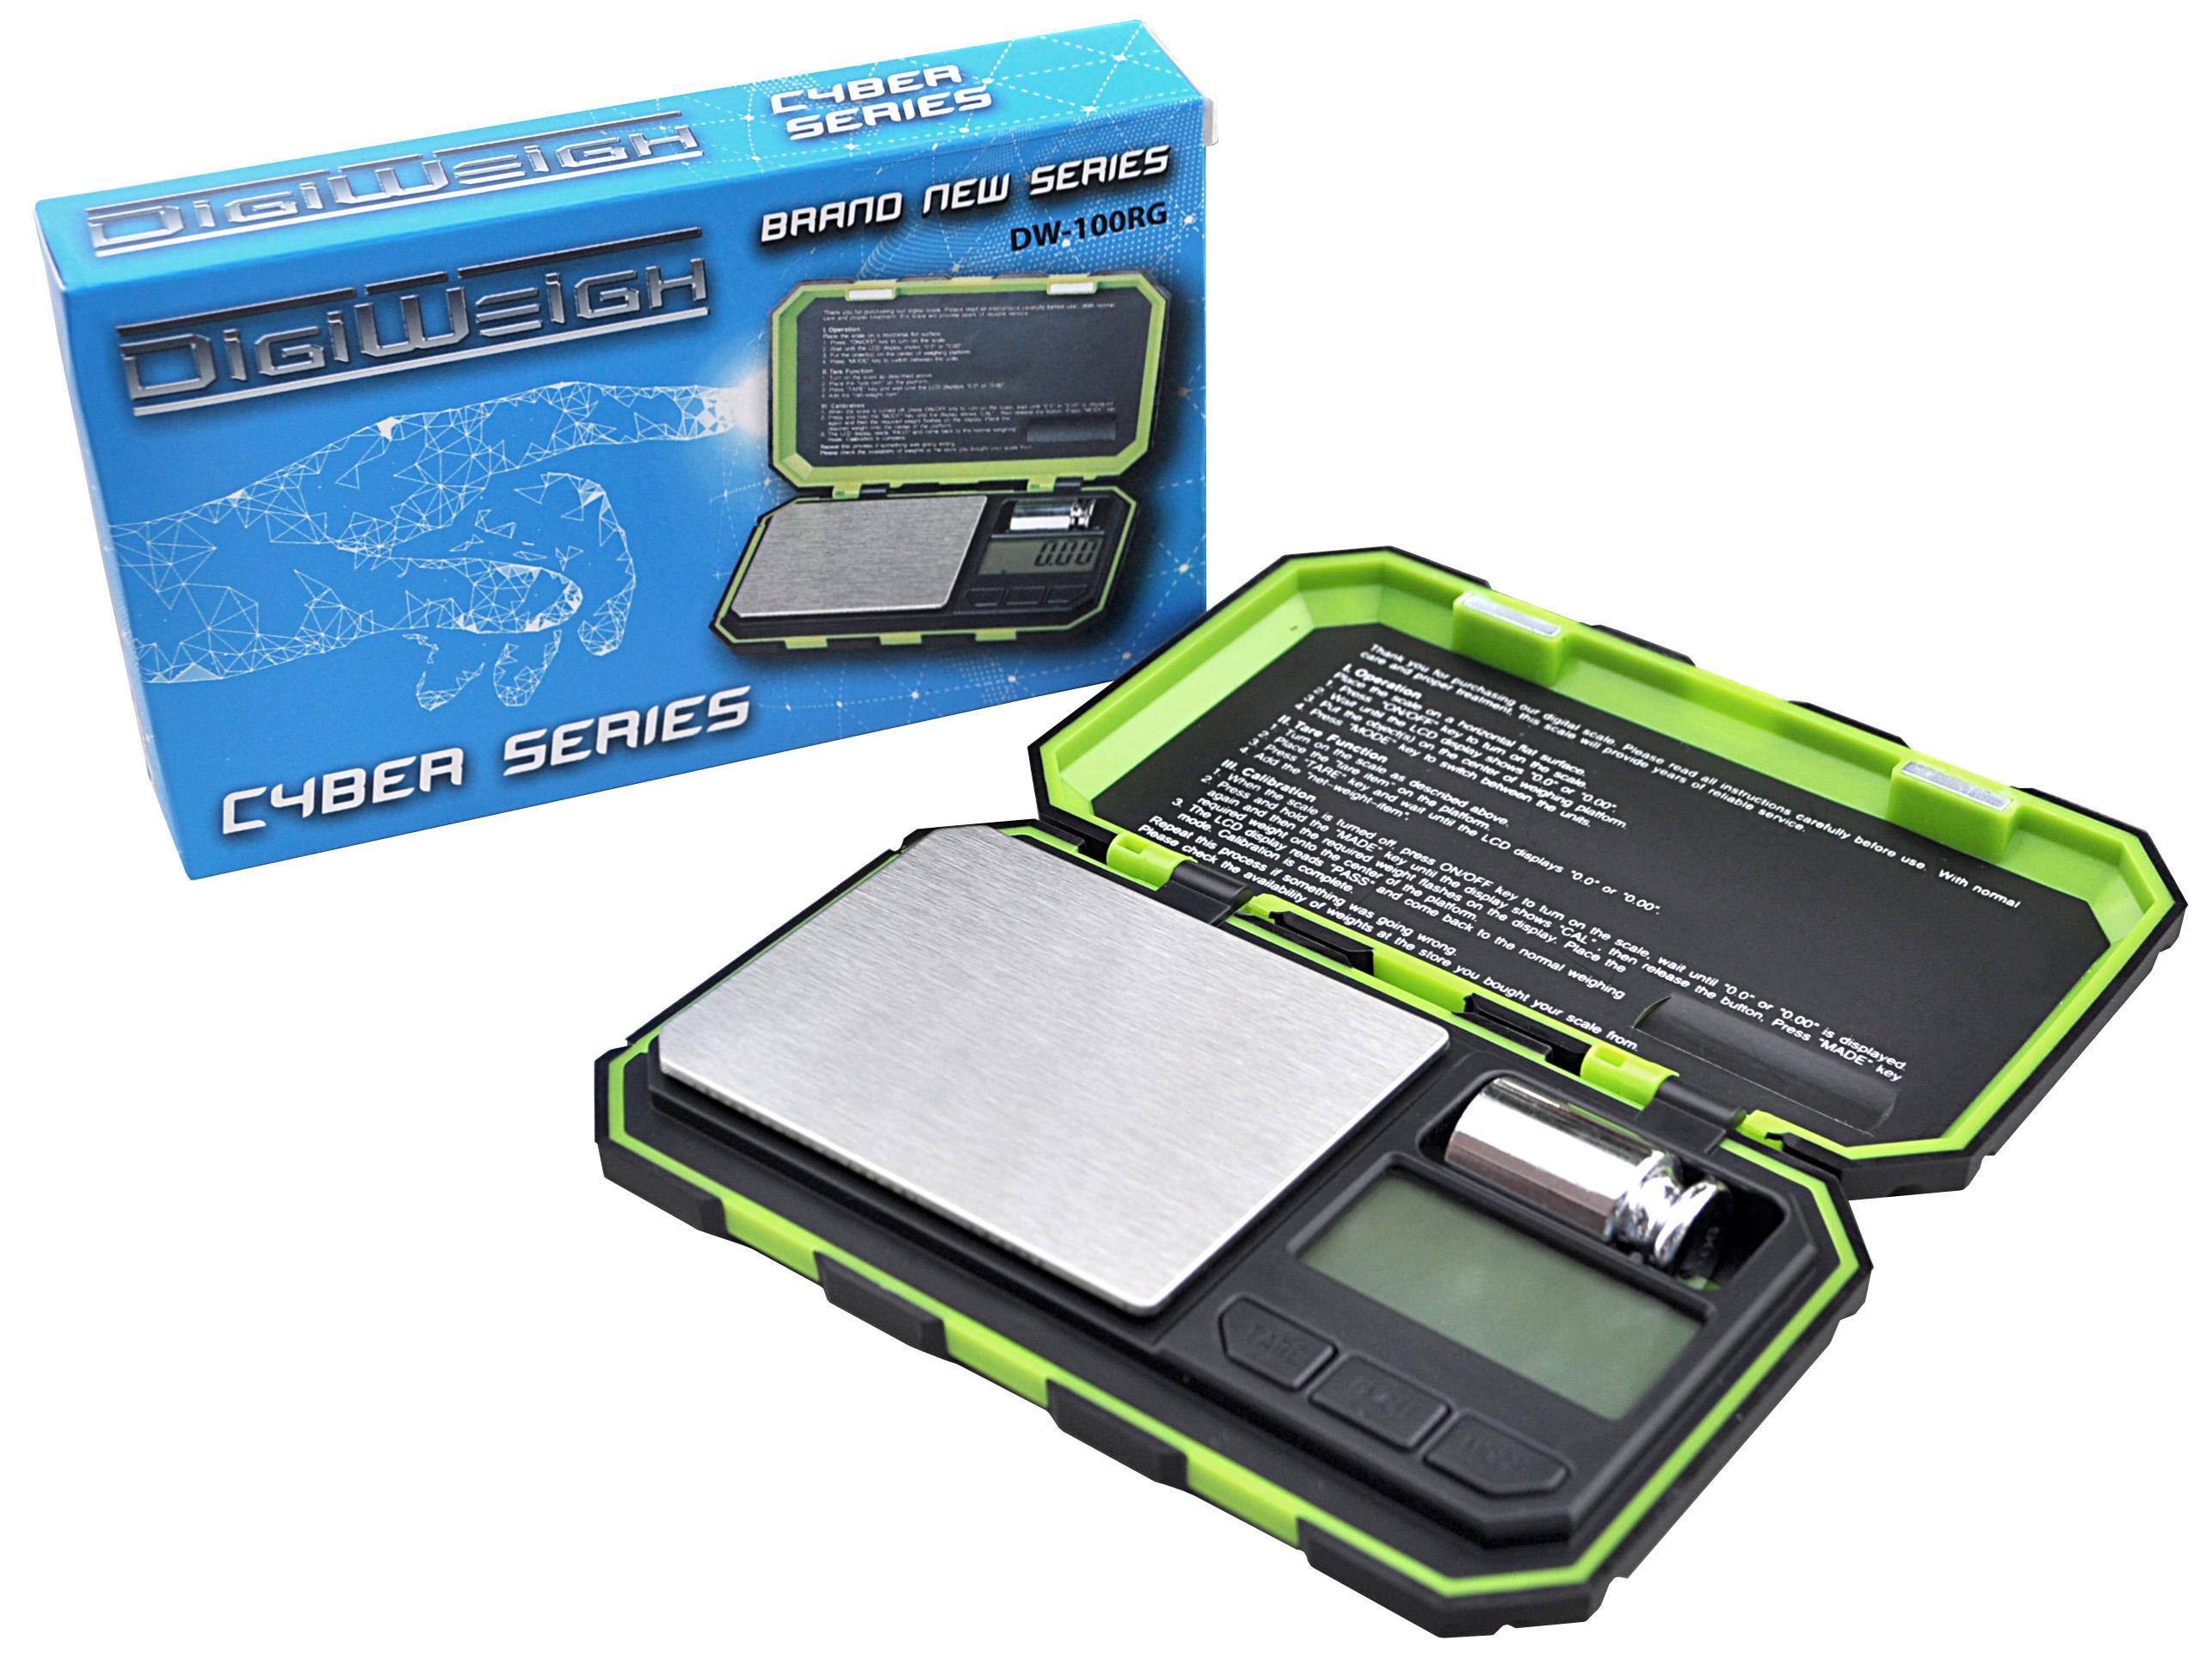 1000g x 0.1g DigiWeigh Digital Scale DW-B Pocket Jewelry